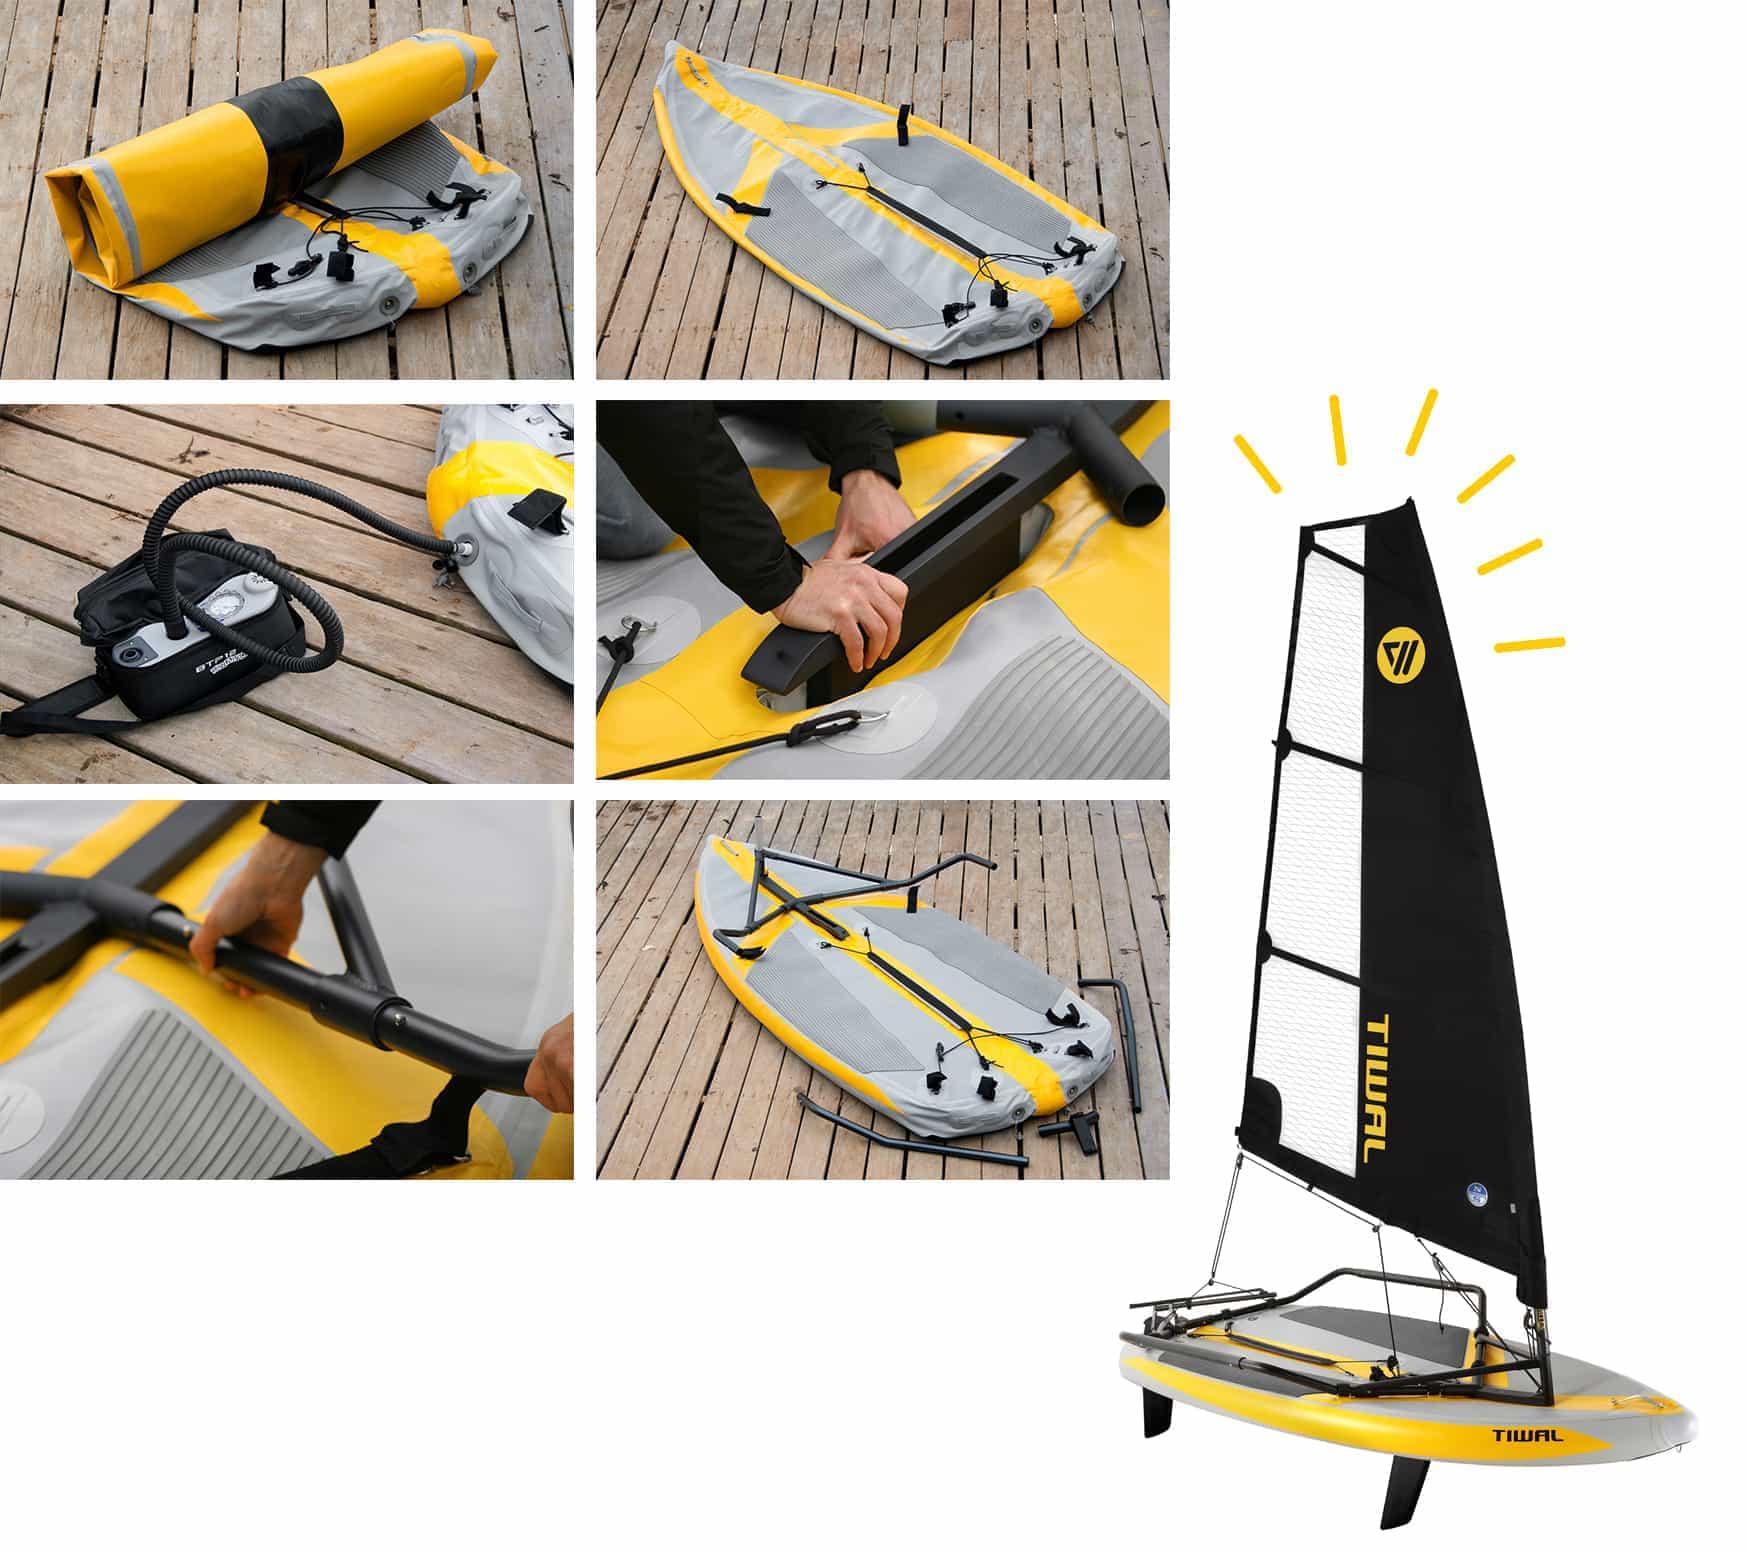 Tiwal 3 sailing dinghy assembly steps